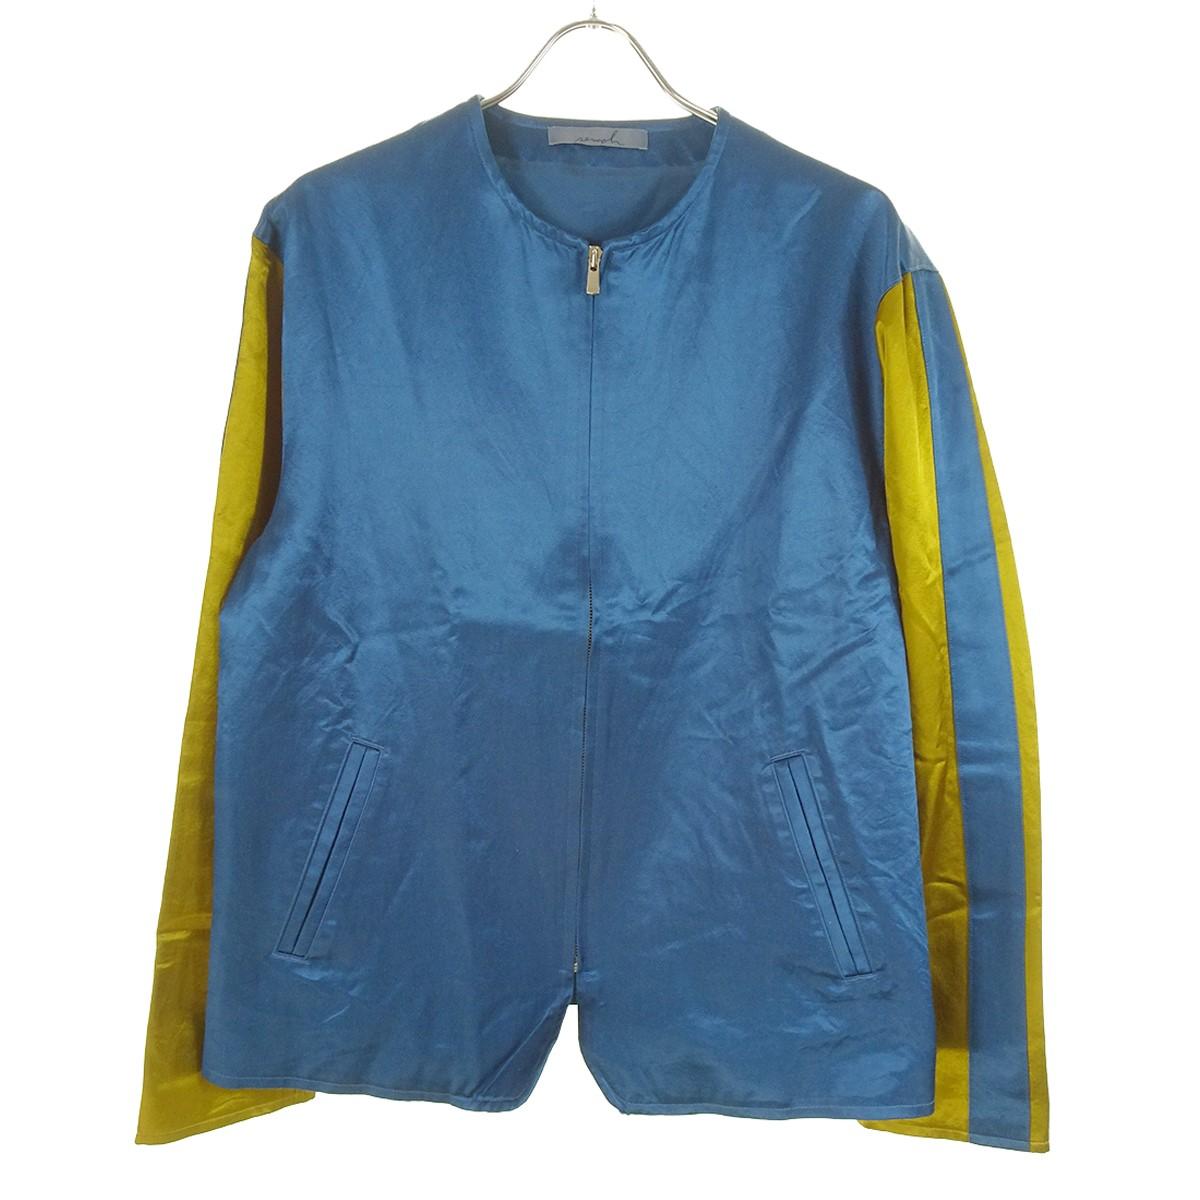 【中古】semoh サテンノーカラージップジャケット ブルー×ブラウン サイズ:2 【040620】(セモー)